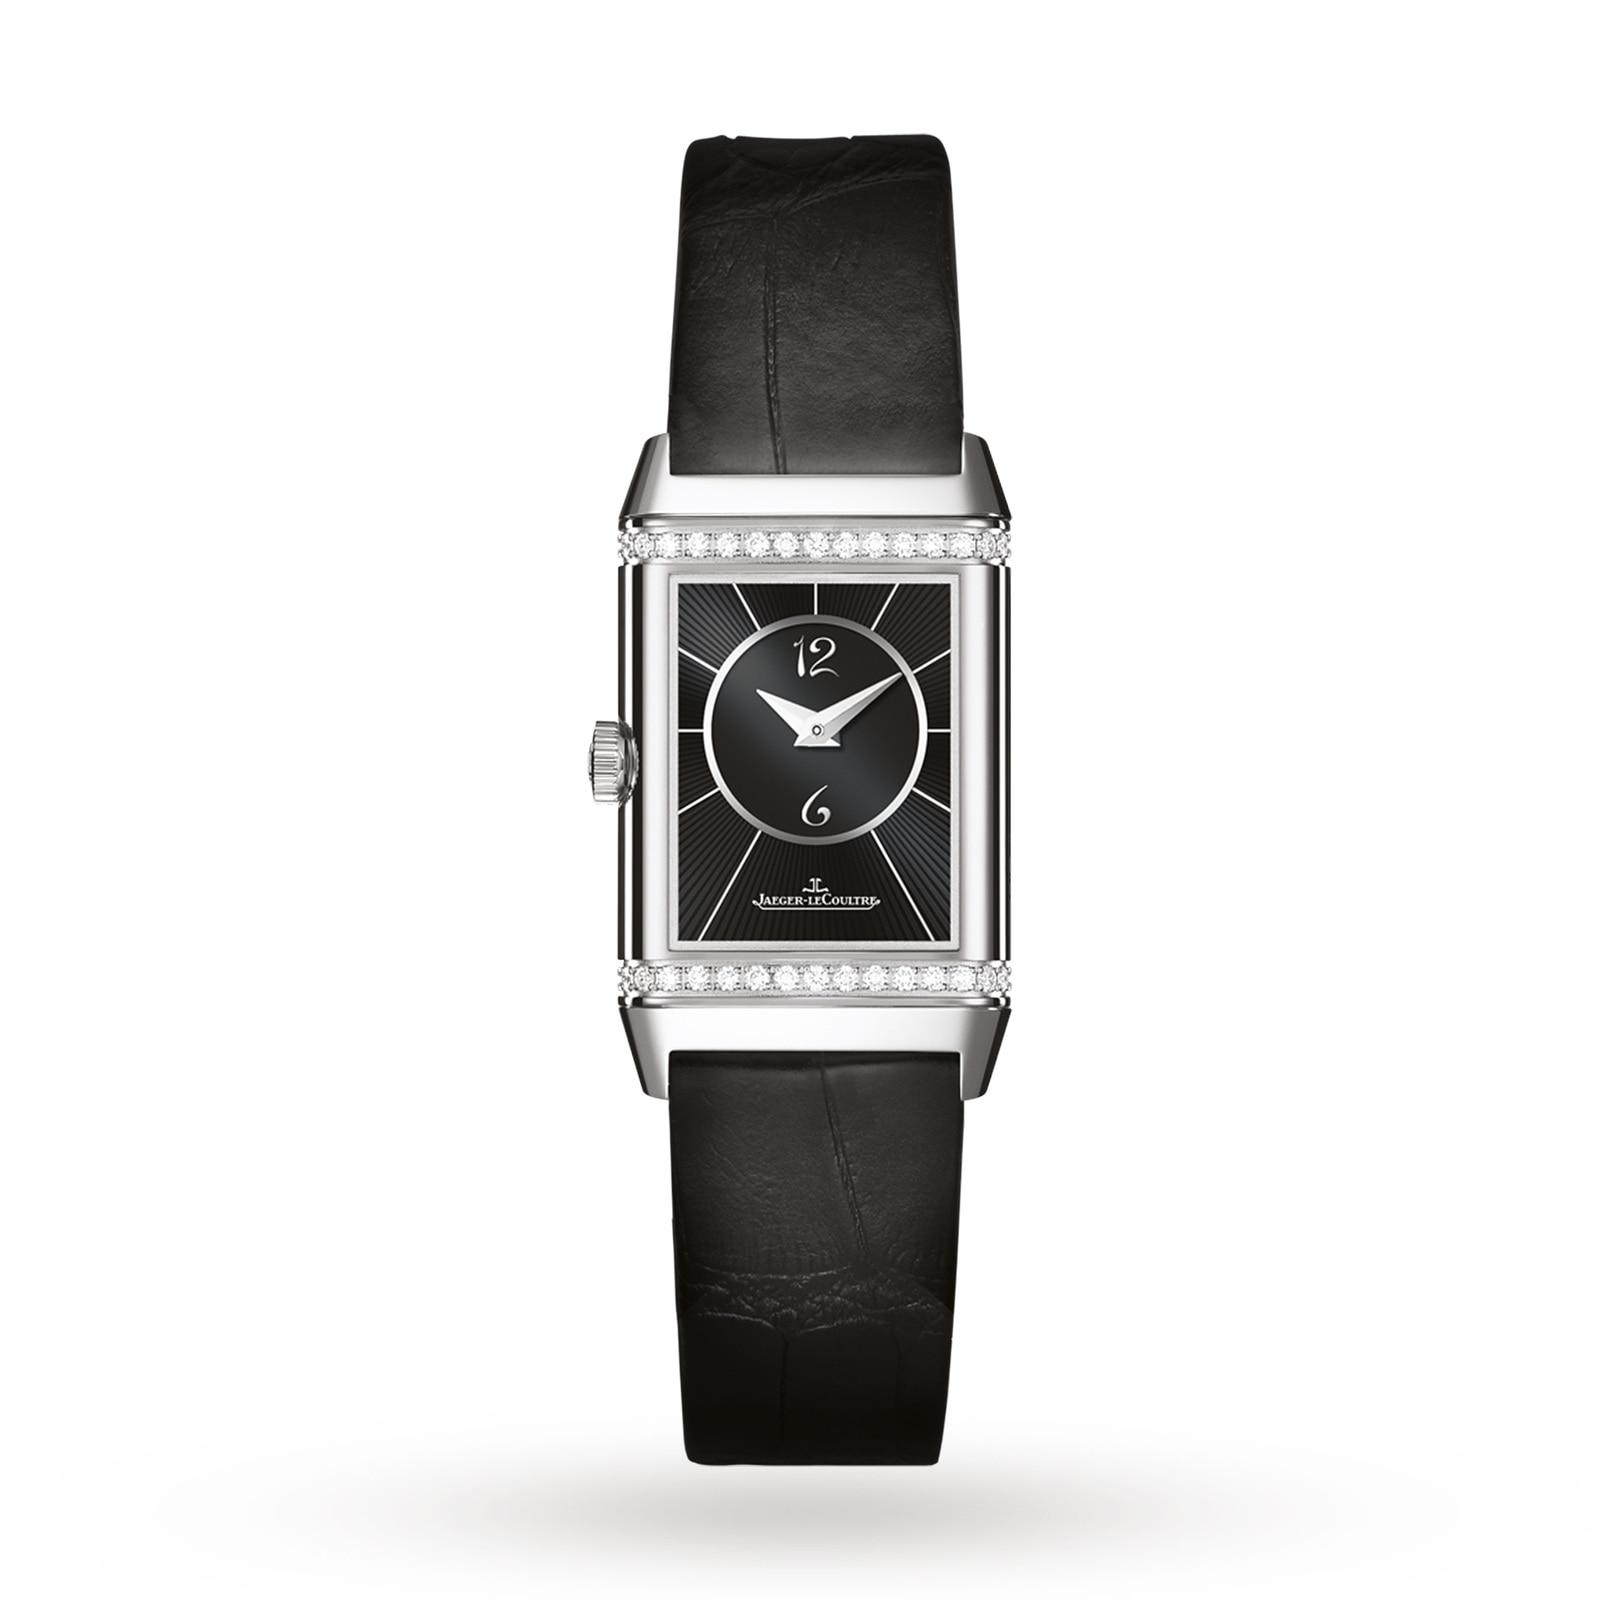 Jaeger-LeCoultre Reverso Duetto Classique Ladies Watch